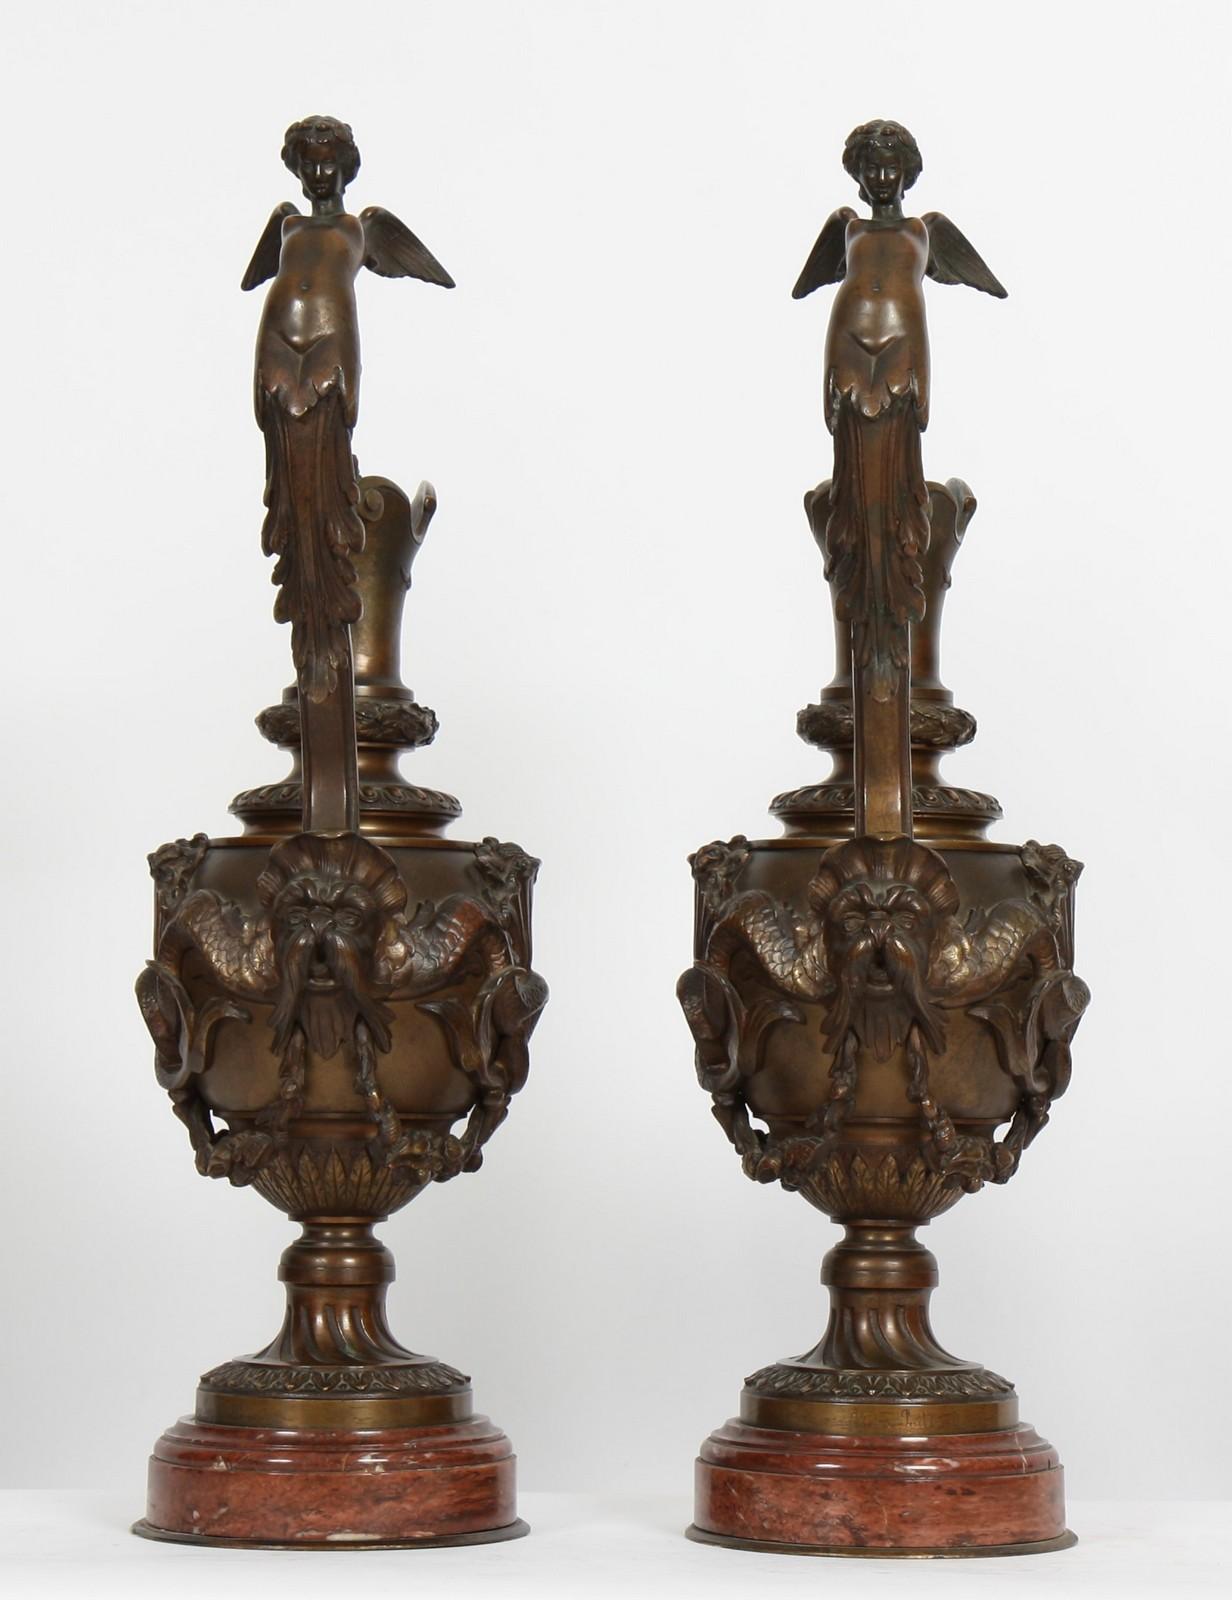 IMPORTANTE PAIRE D'AIGUIERES BRONZE XIXè En bronze à pâtine médaille à riche décor sculpté à - Image 2 of 3